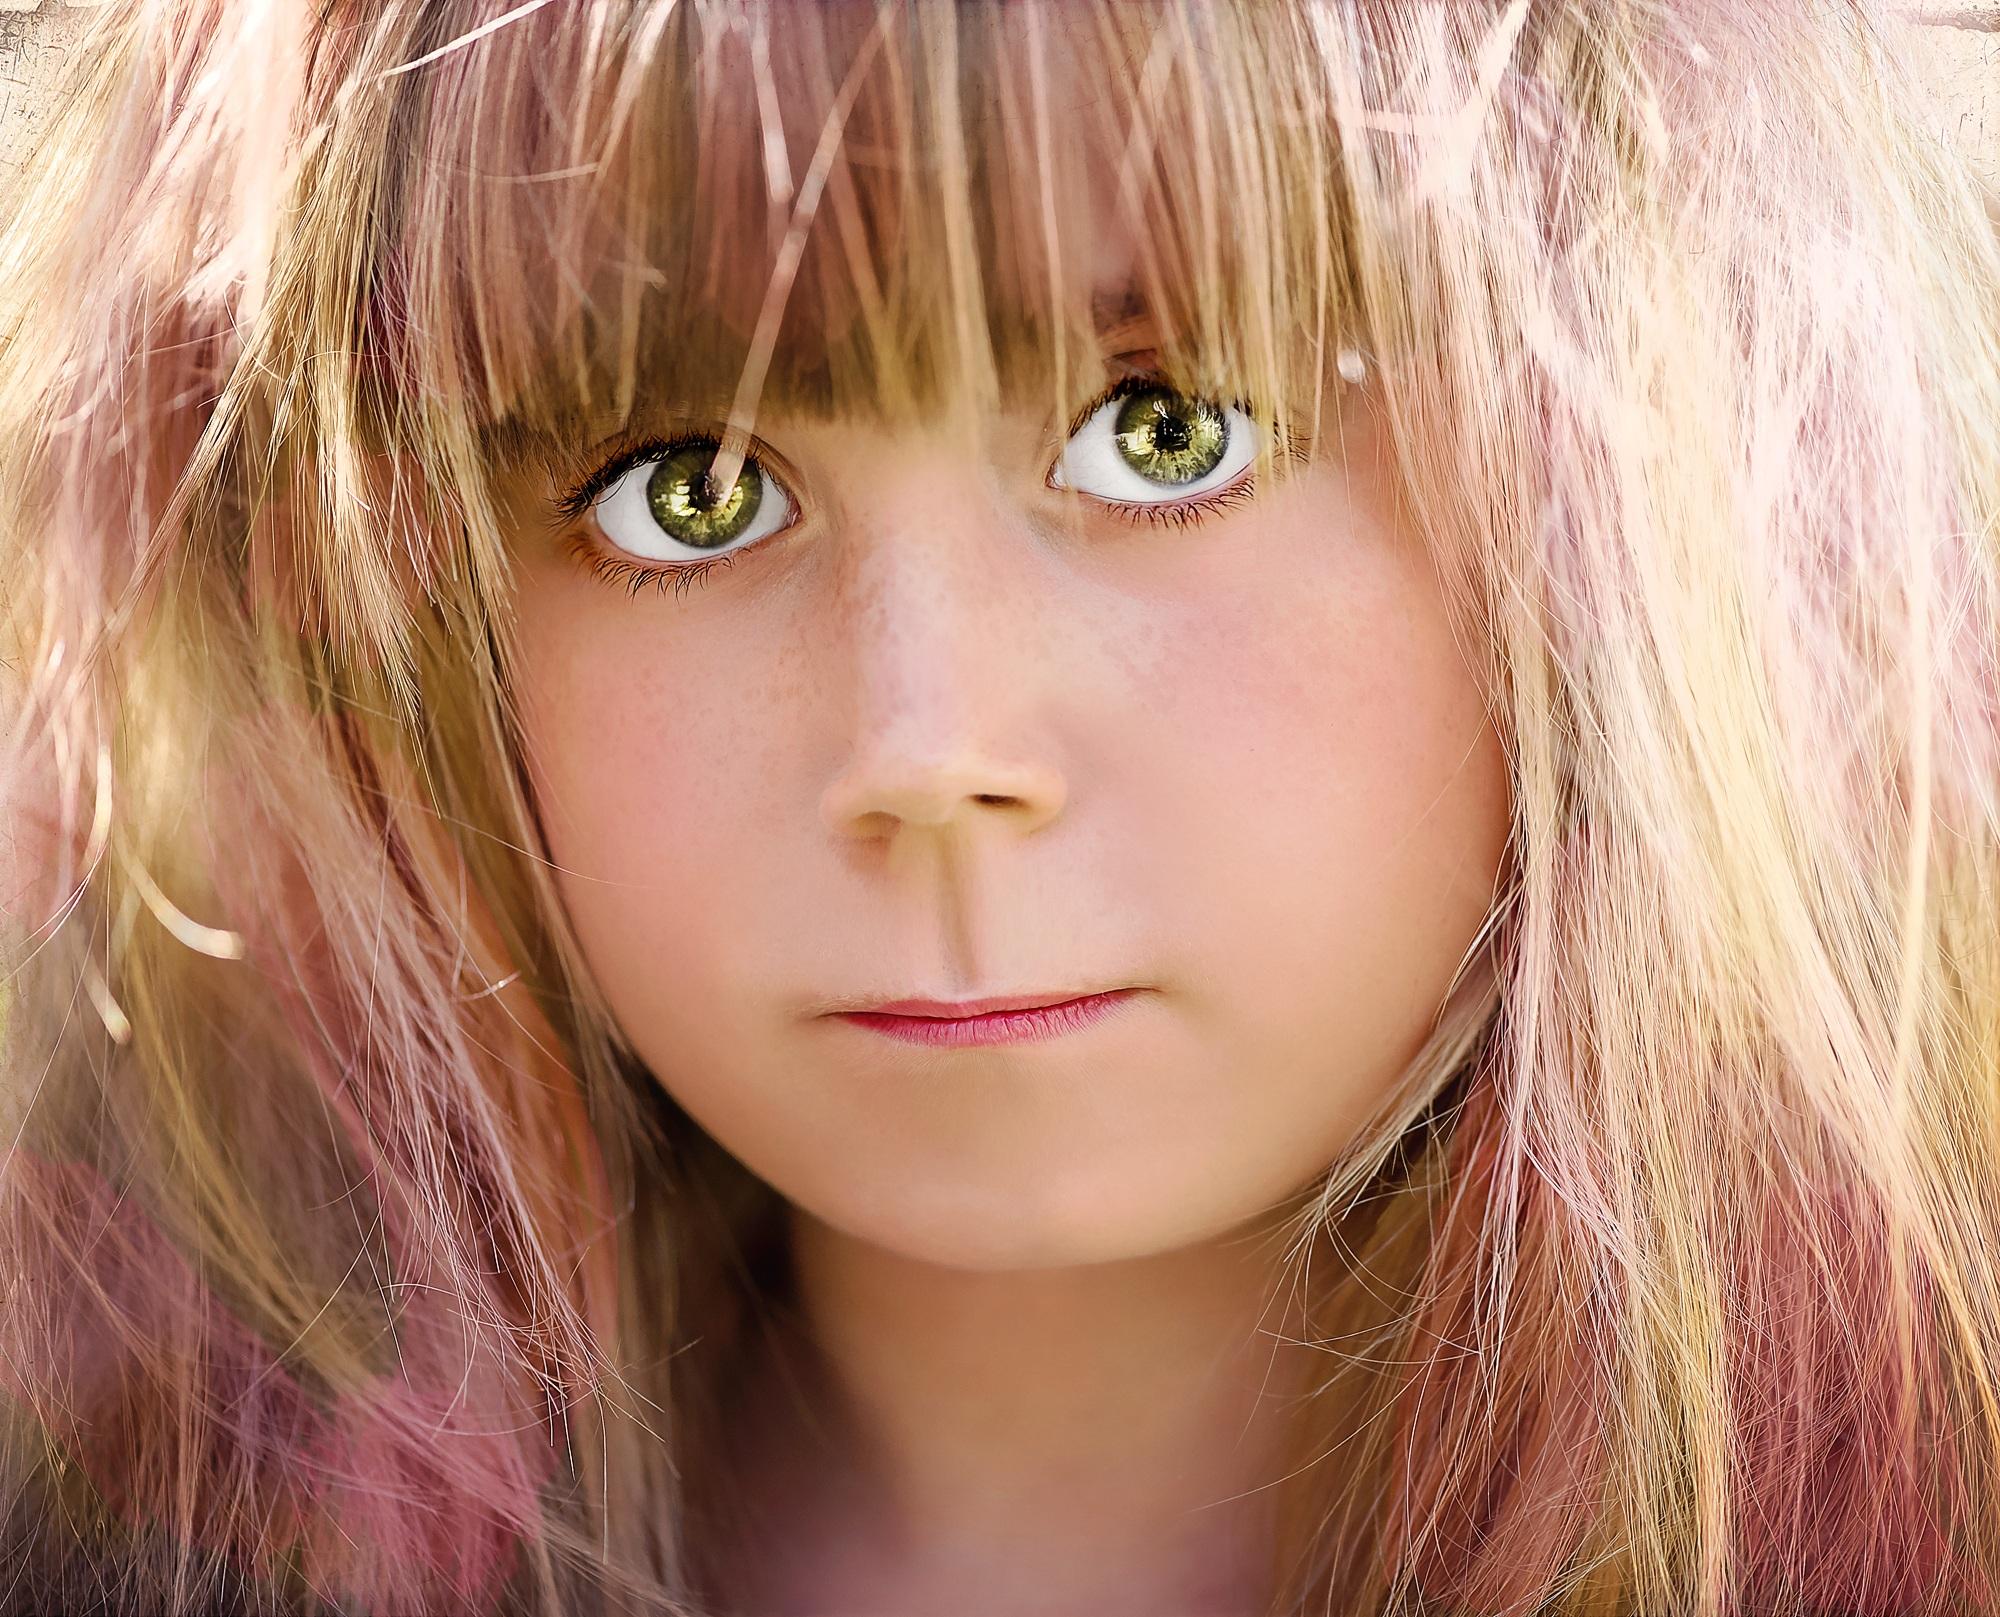 Images Gratuites Fille La Photographie Portrait Maquette Rouge